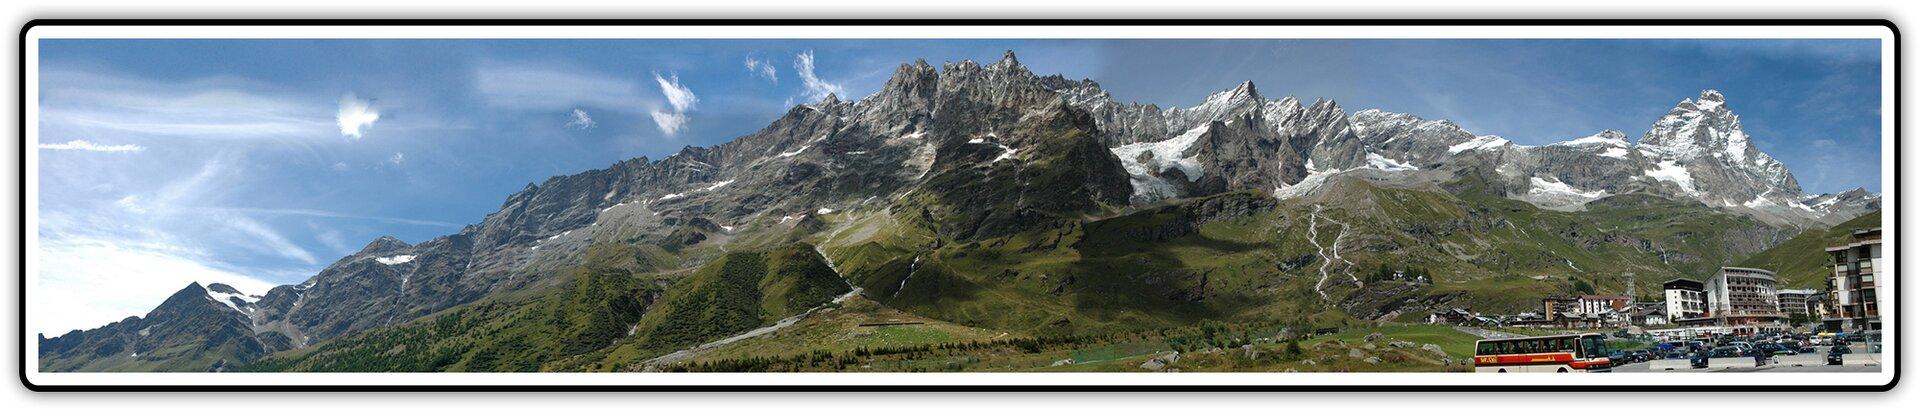 Fotografia po fotomontażu przedstawijąca panoramę Alp